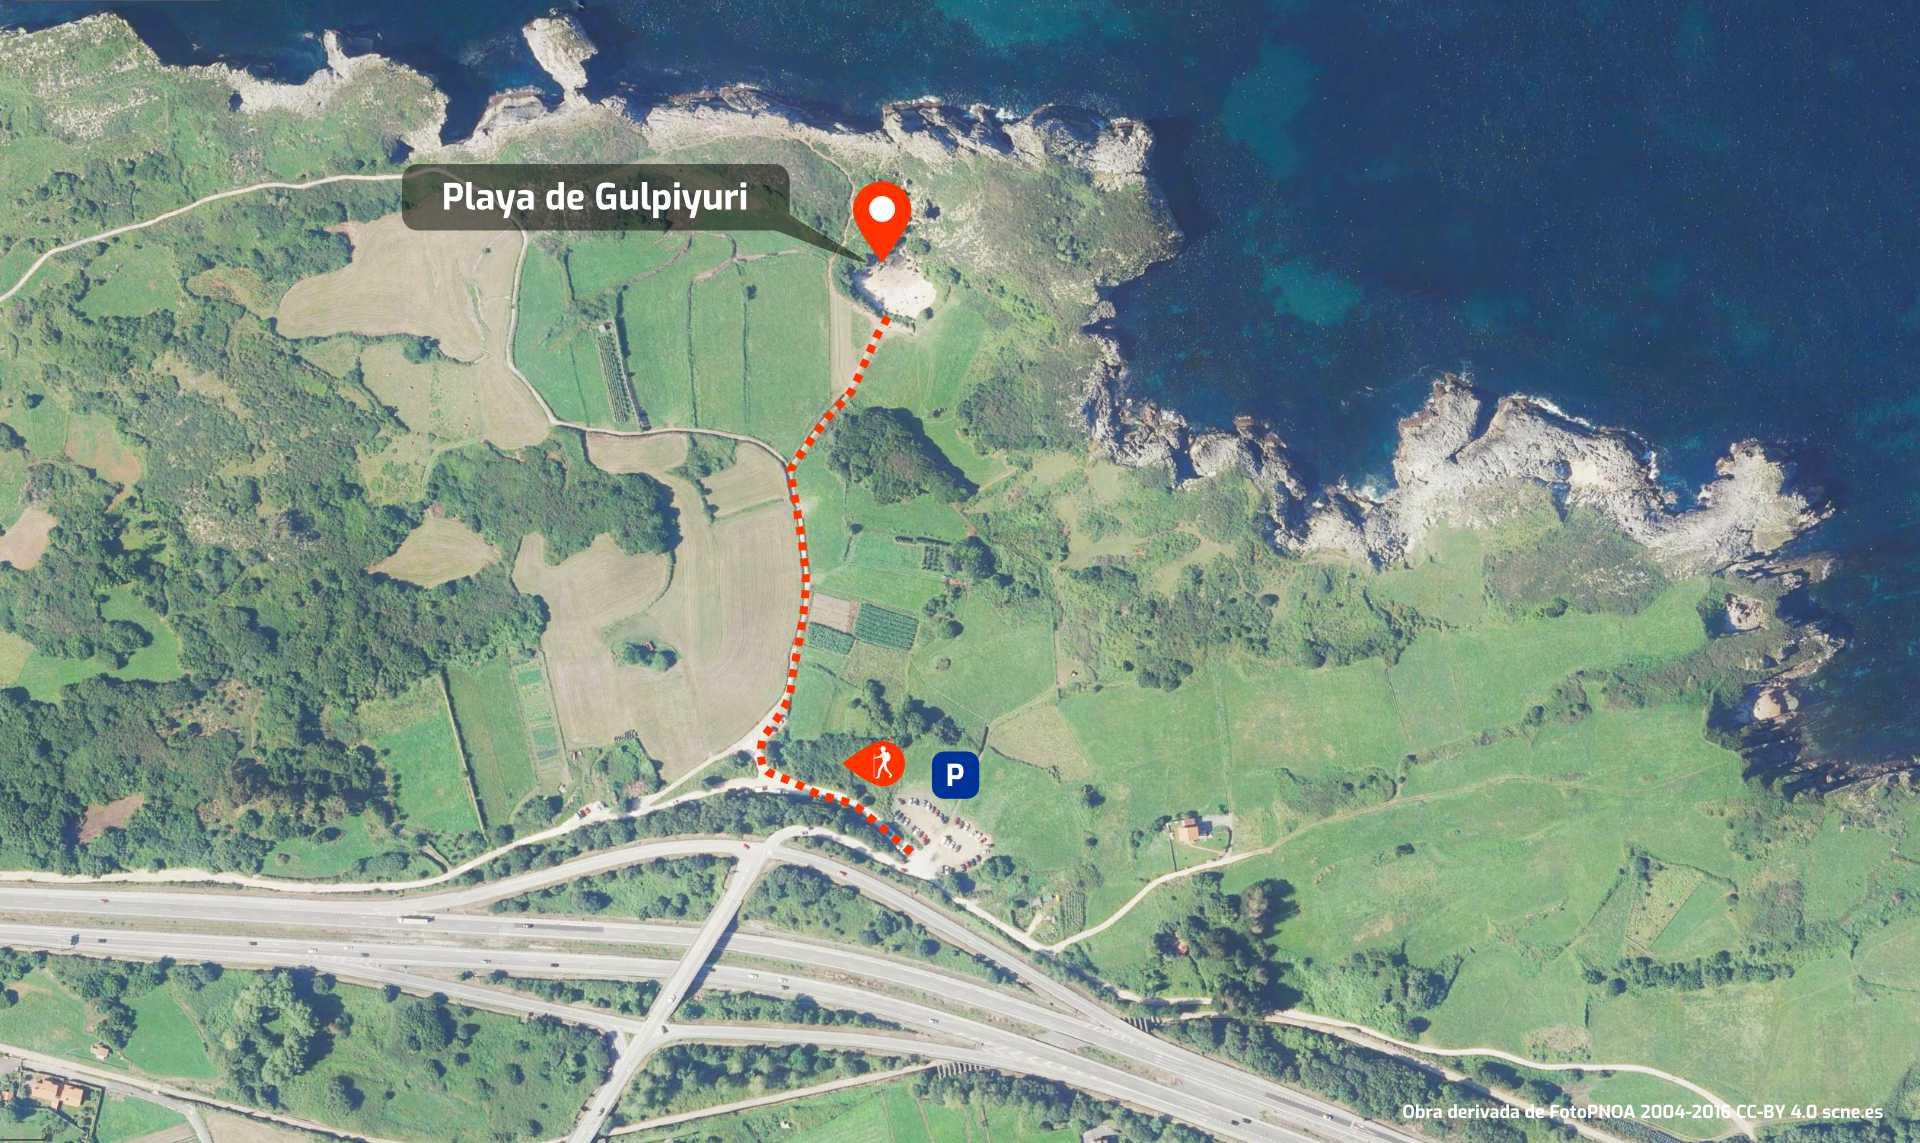 Mapa de cómo llegar a la Playa de Gulpiyuri en Llanes, Asturias